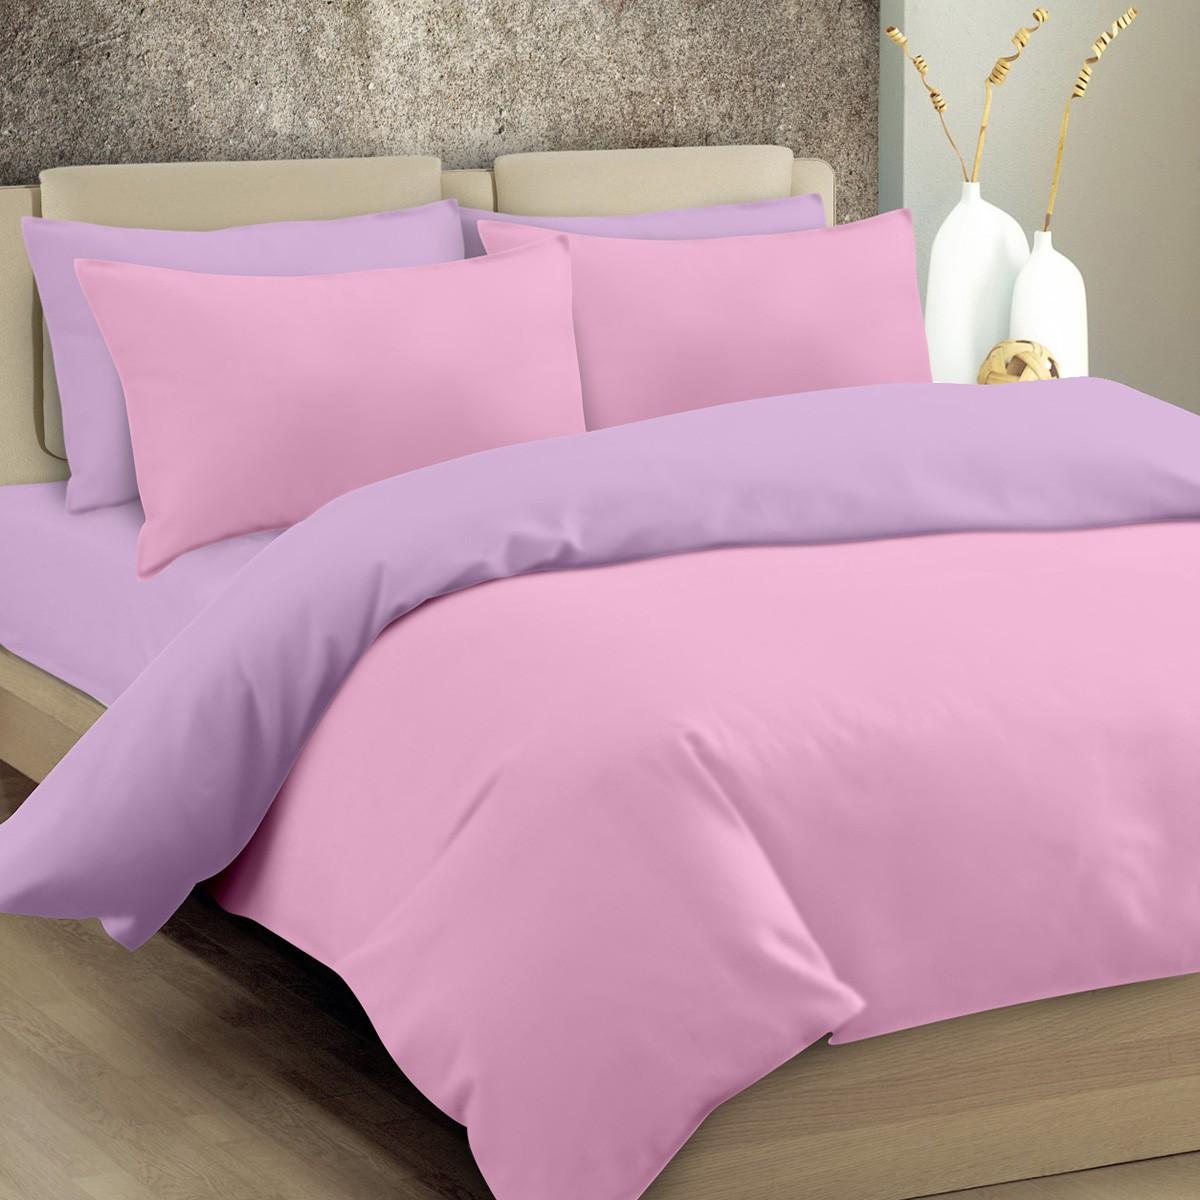 Παπλωματοθήκη Υπέρδιπλη Maison Blanche 11004 Ροζ/Λιλά